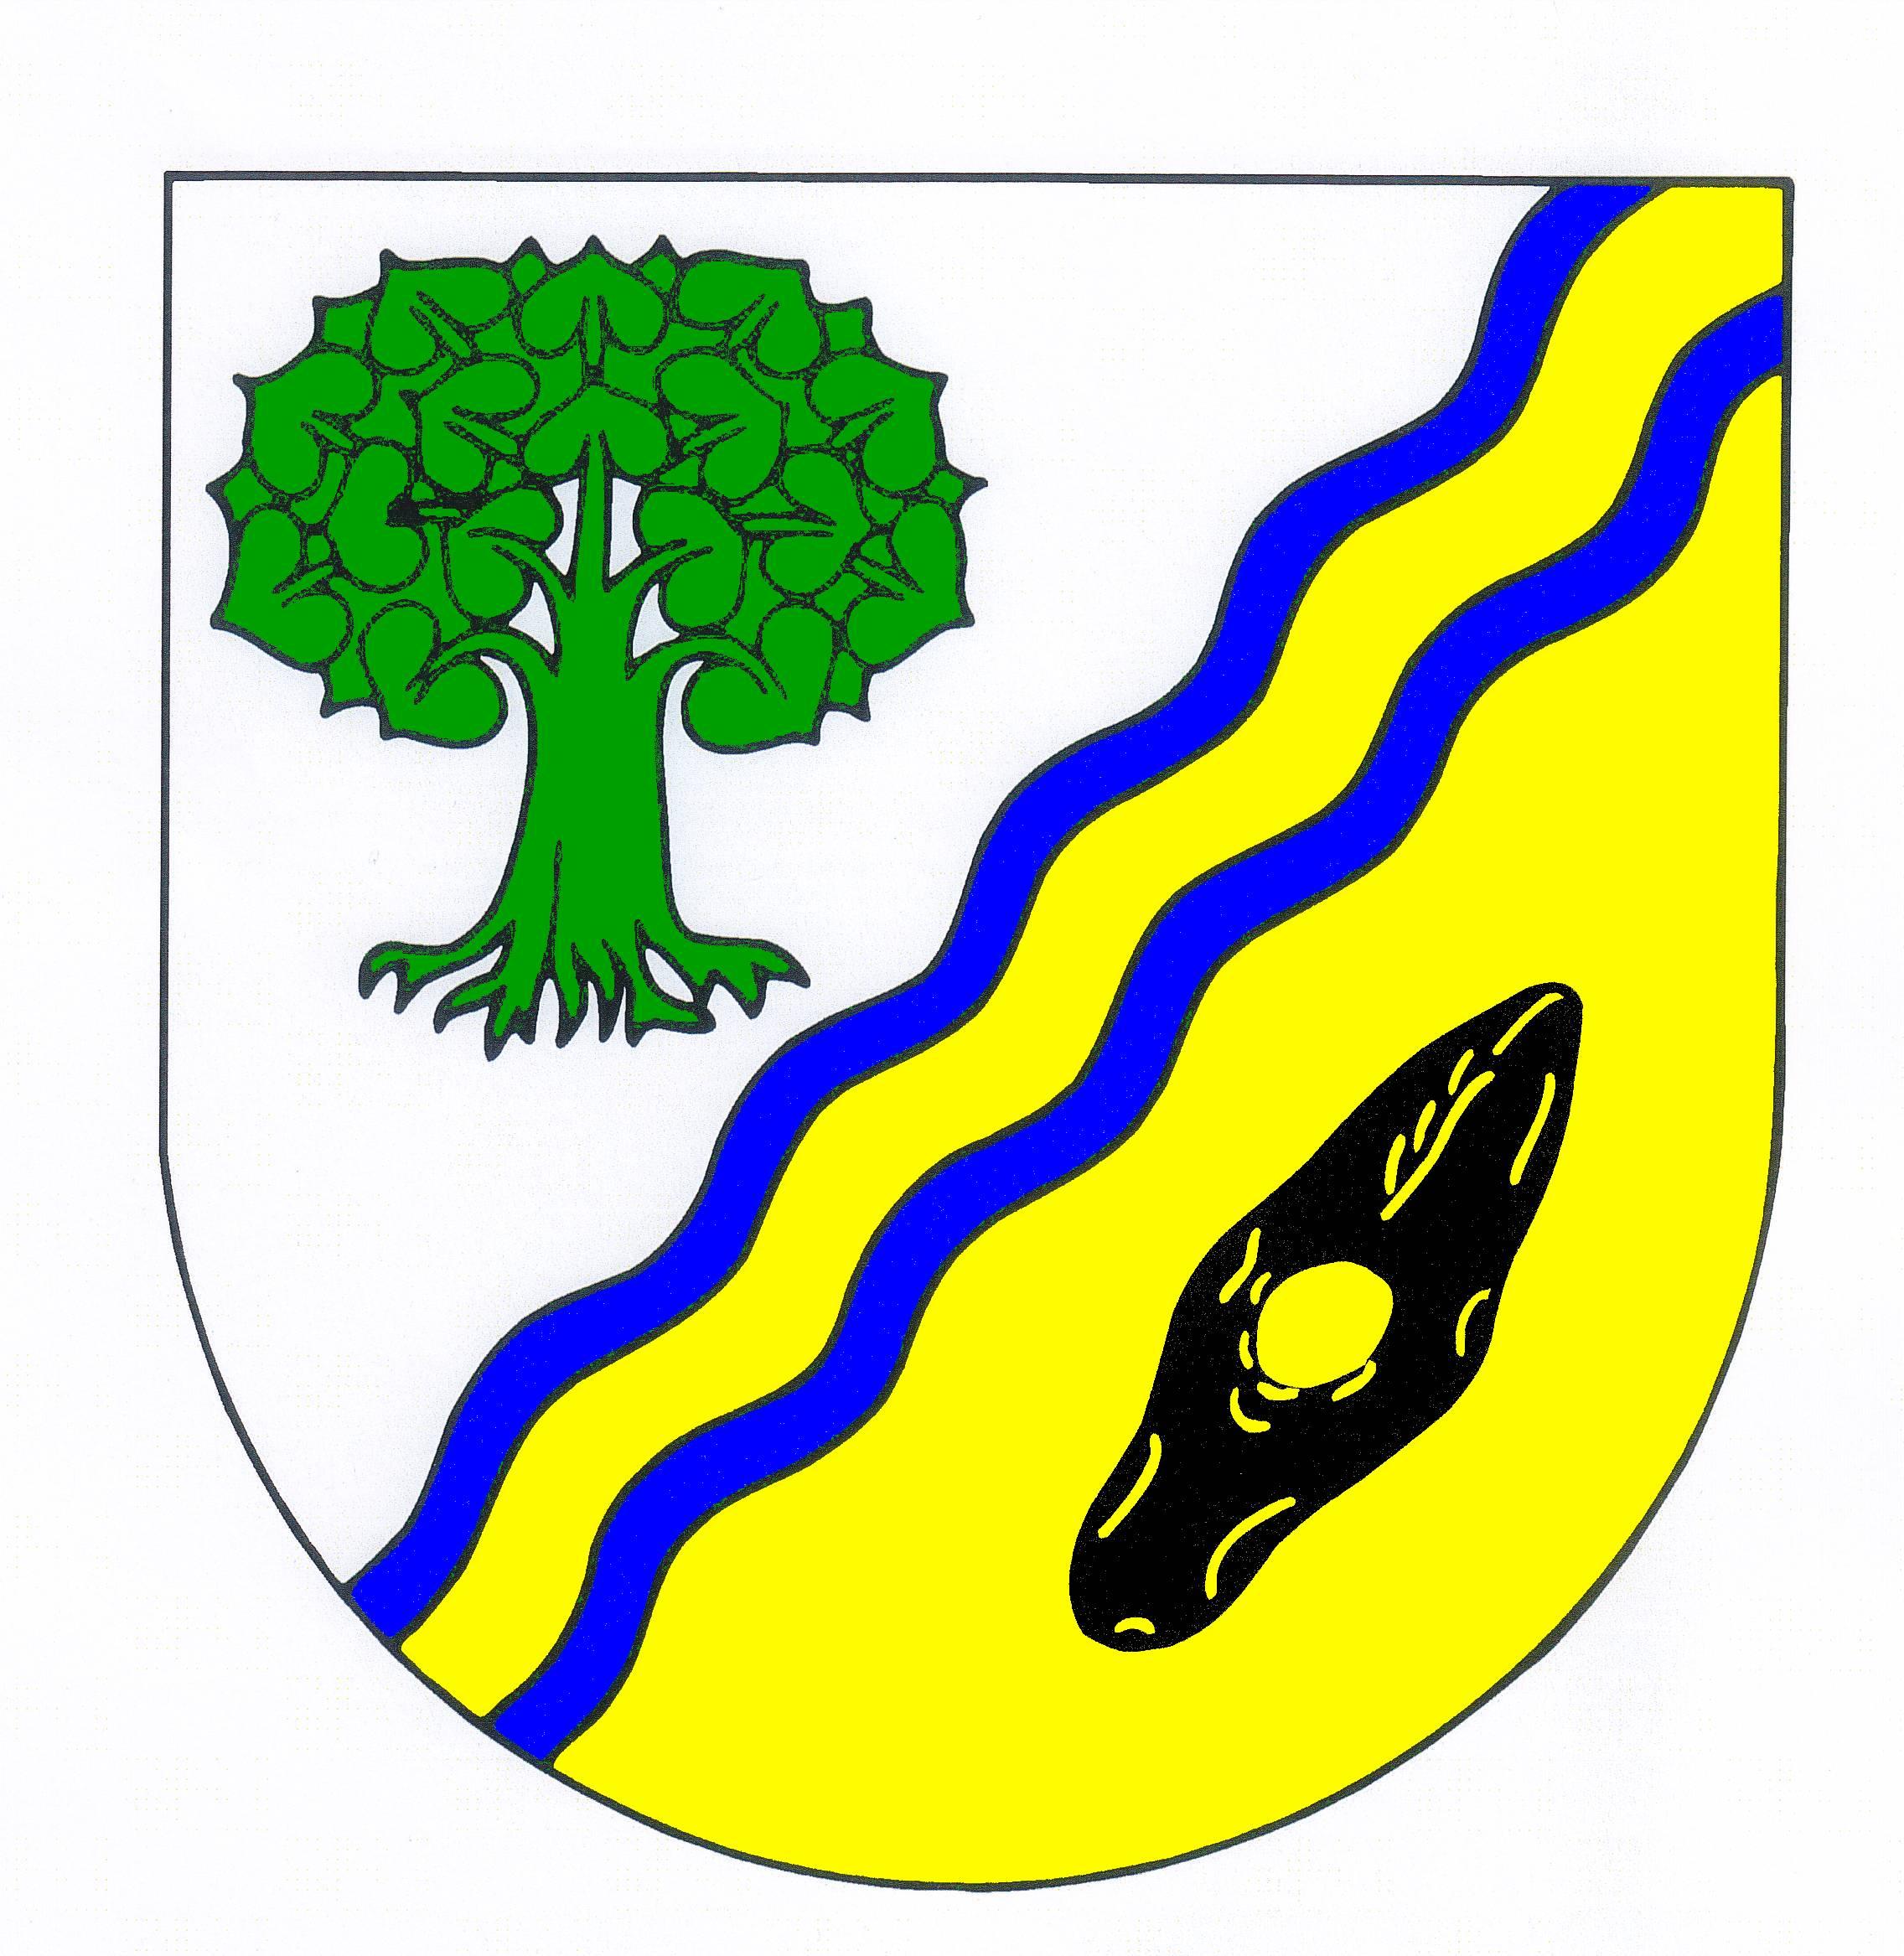 Wappen GemeindeSollwitt, Kreis Nordfriesland